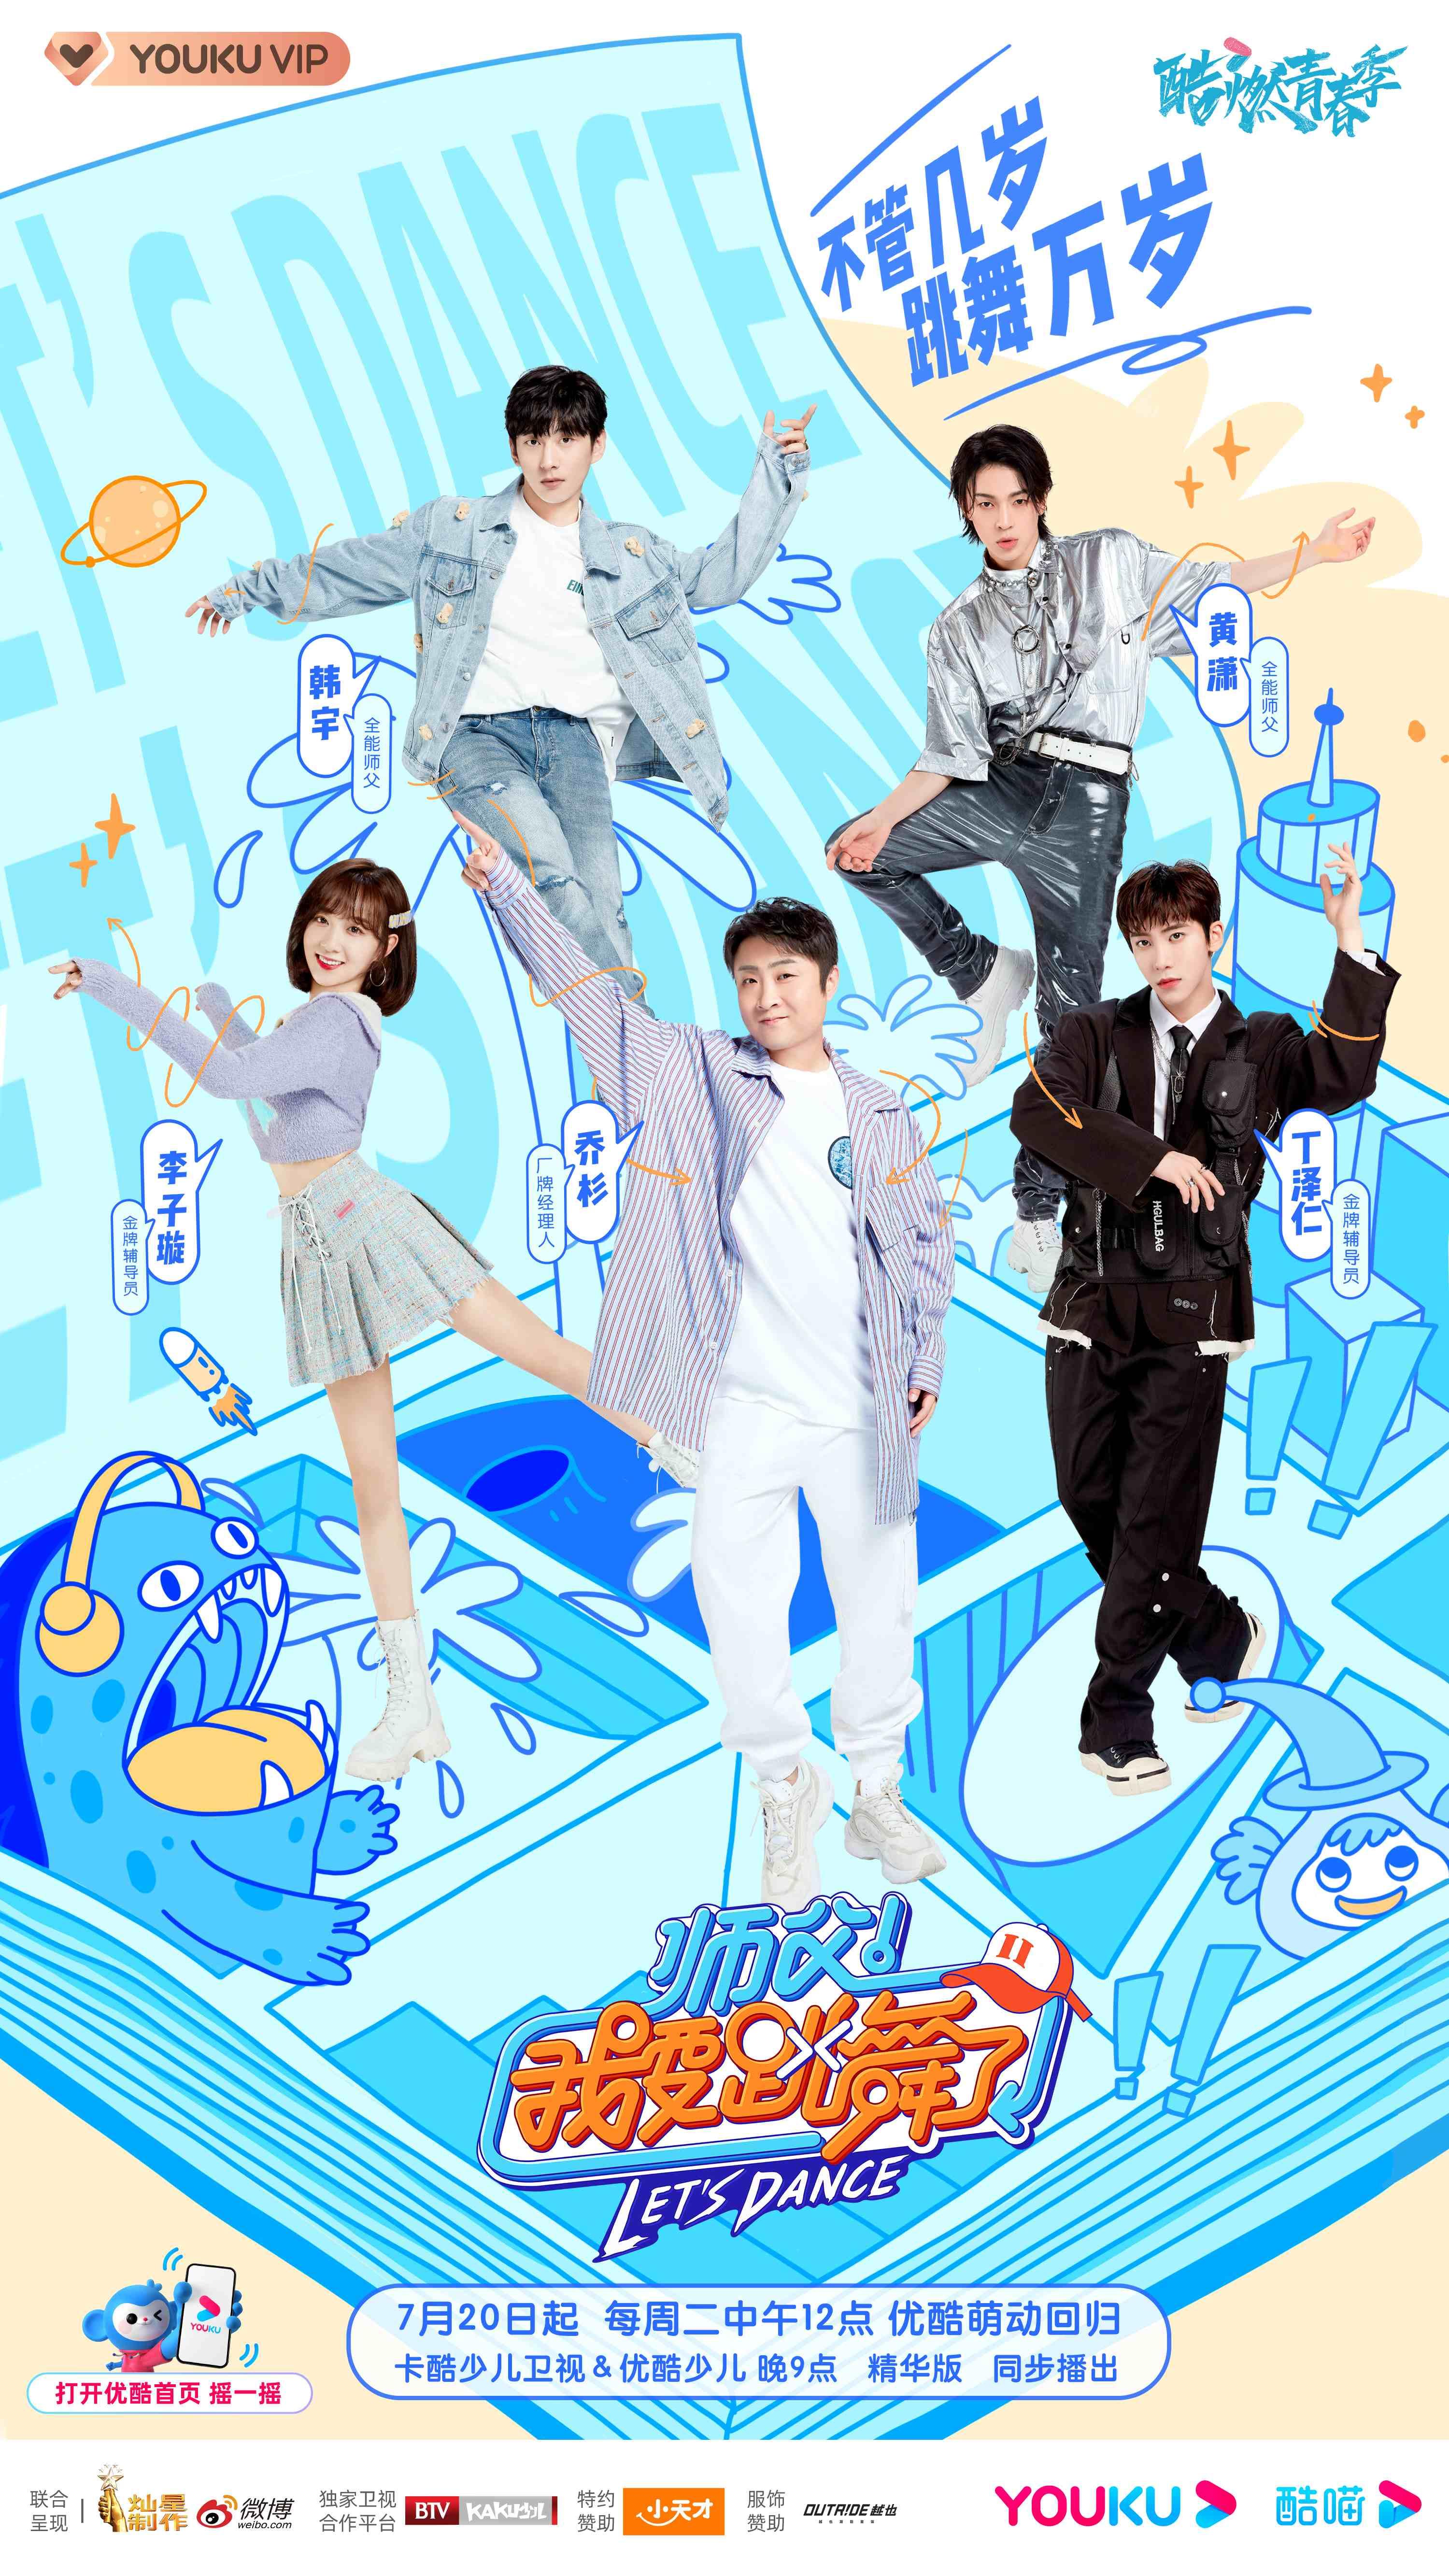 优酷《师父!我要跳舞了2》今日开播!乔杉、李子璇、丁泽仁带萌娃跳舞(图1)